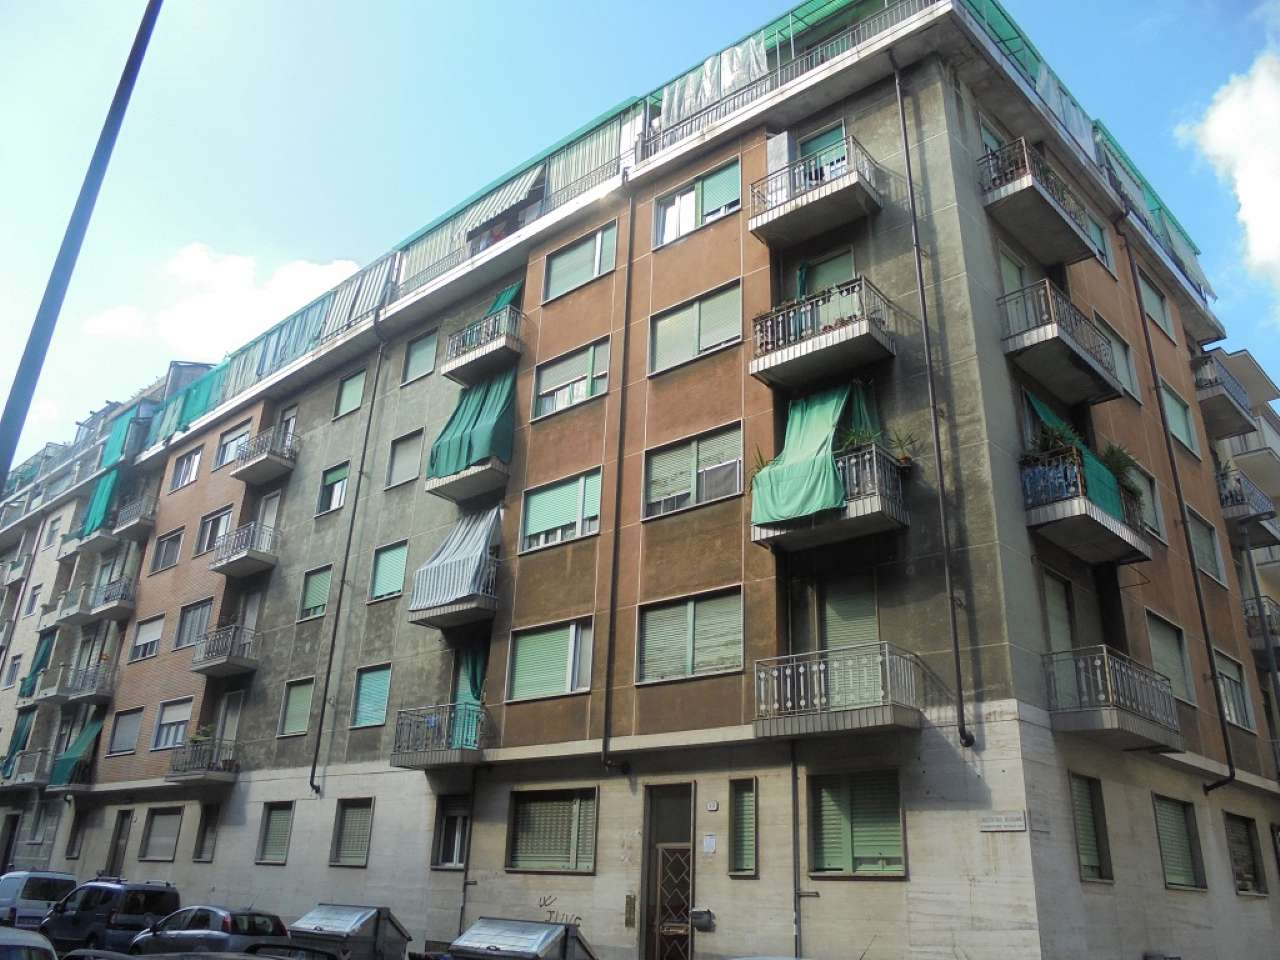 Immagine immobiliare Borgo Vittoria Borgo Vittoria pressi via Breglio quarto piano con ascensore recentemente e ottimamente ristrutturato mq.50 ingresso camera tinello cucinotto e bagno 2 balconi, termovalvole.